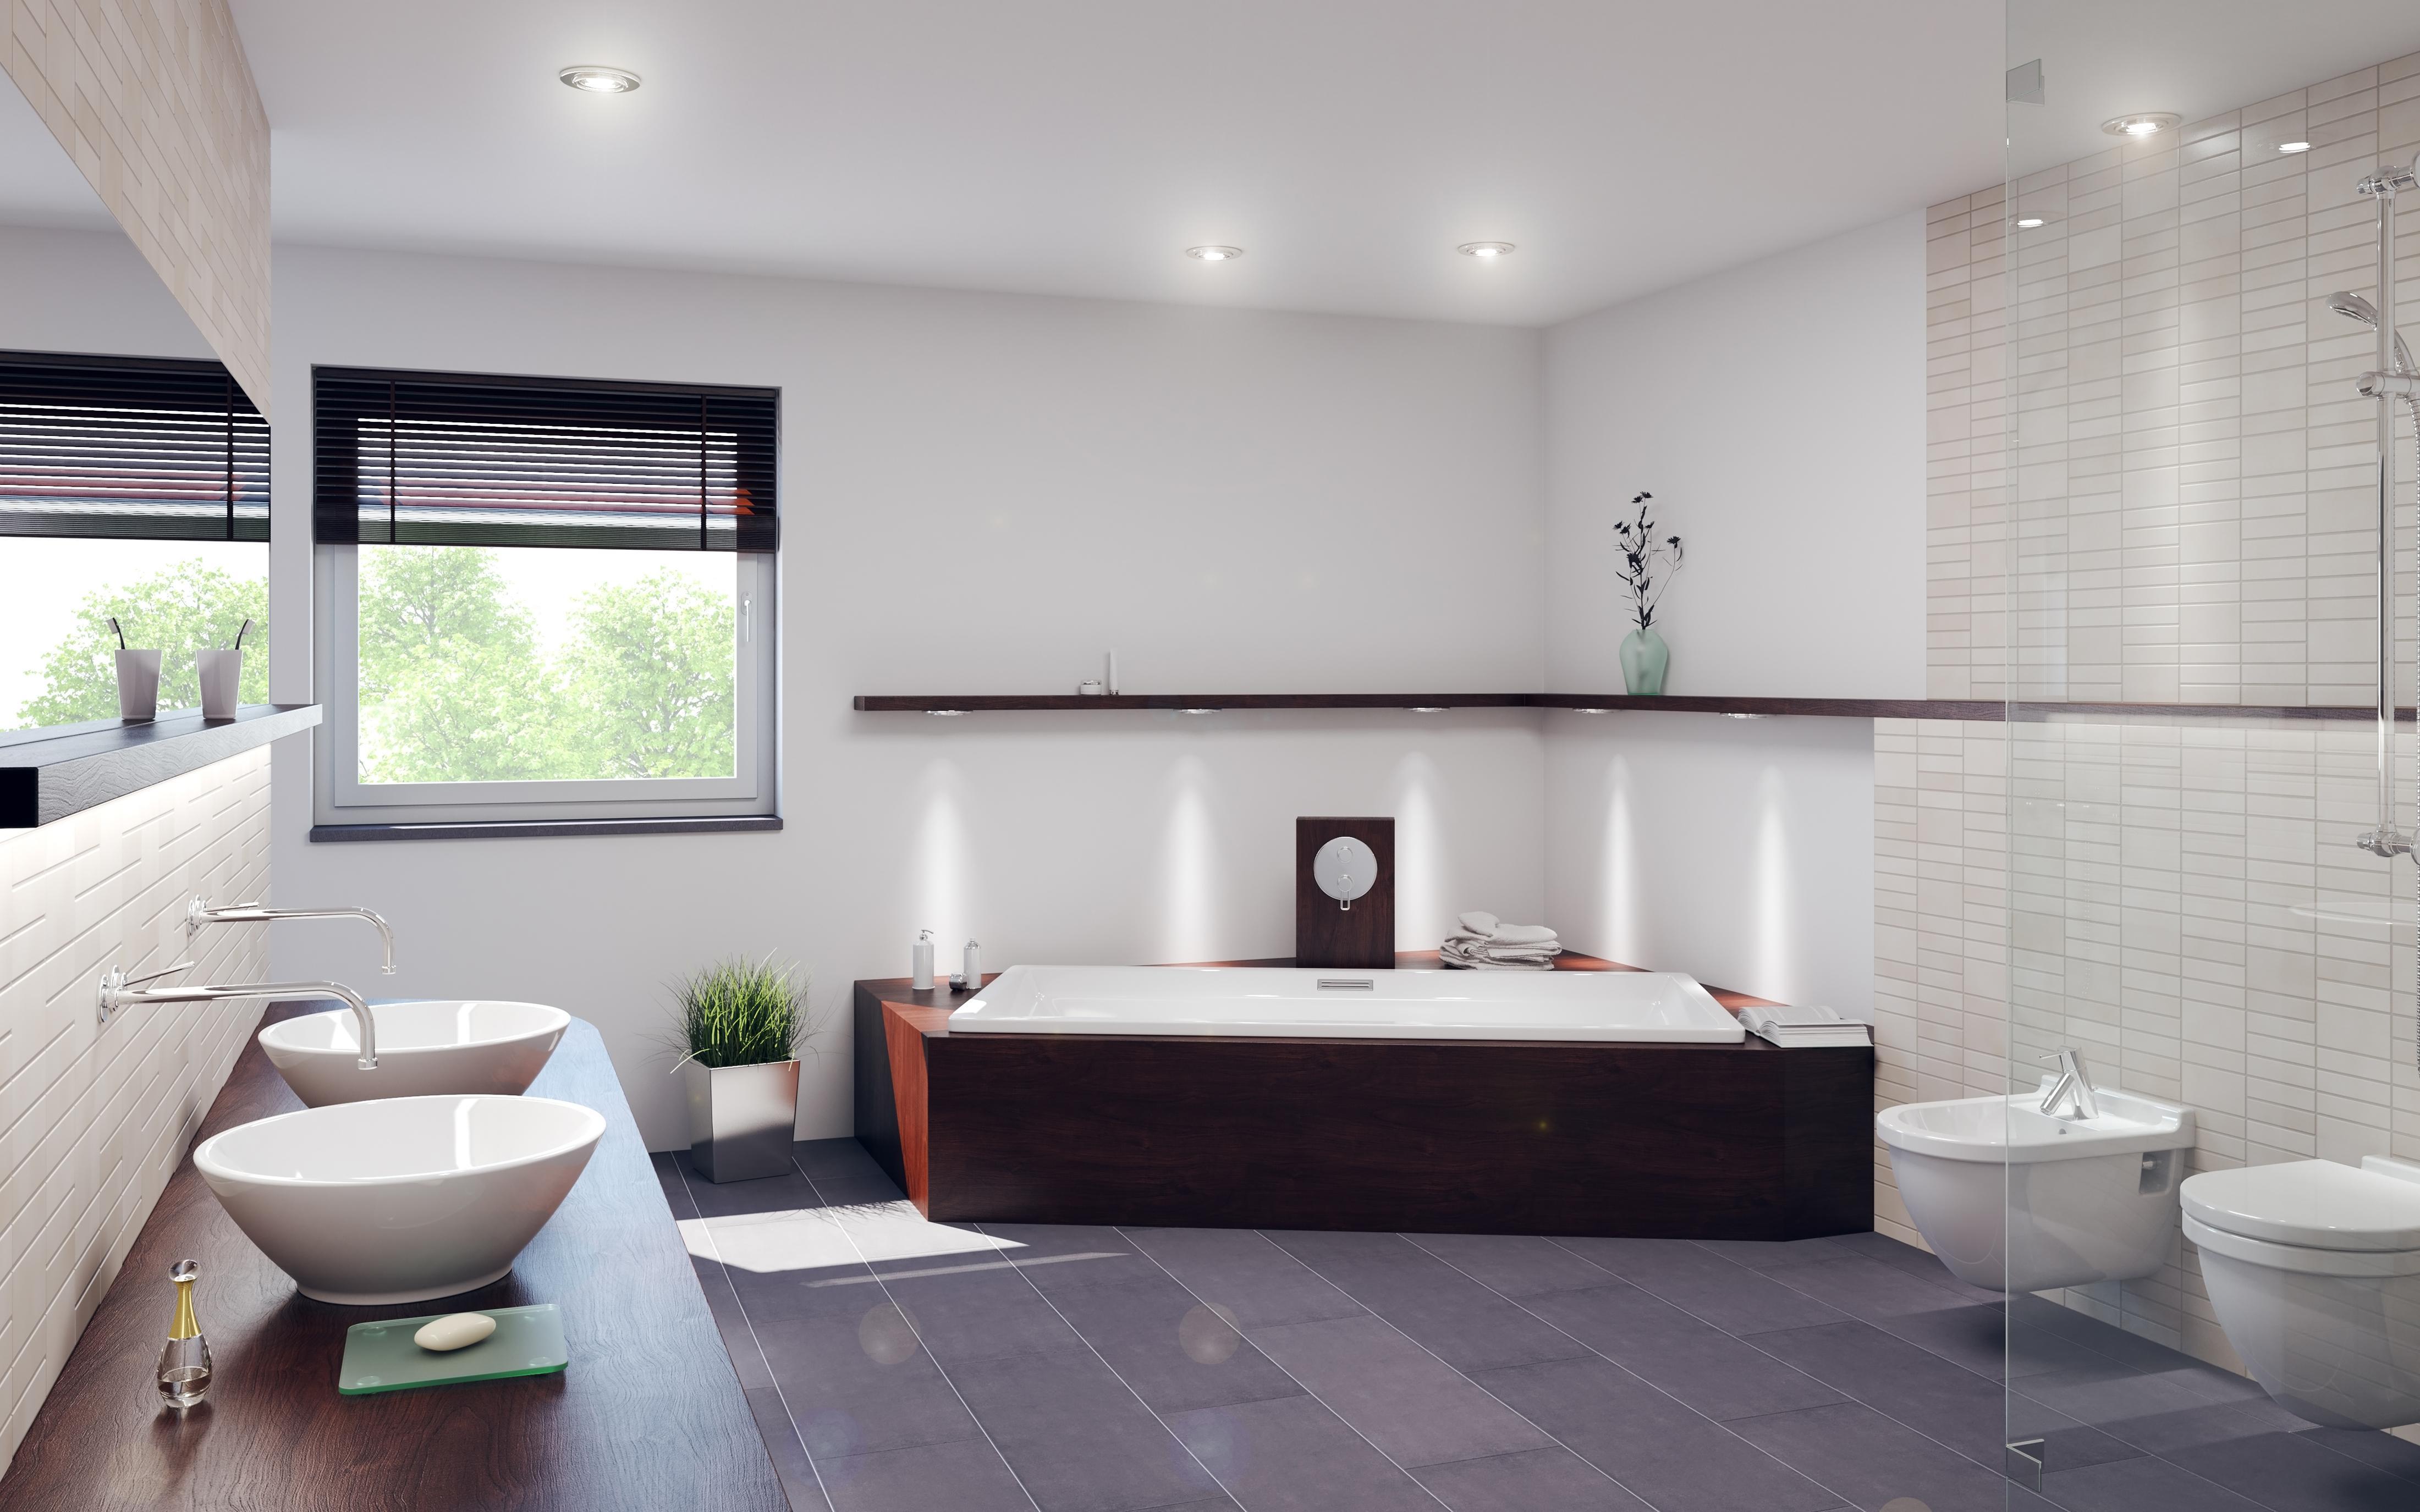 Wohnraumgestaltung in der tschaikowskistra e erfurt - Wohnraumgestaltung wohnzimmer ...